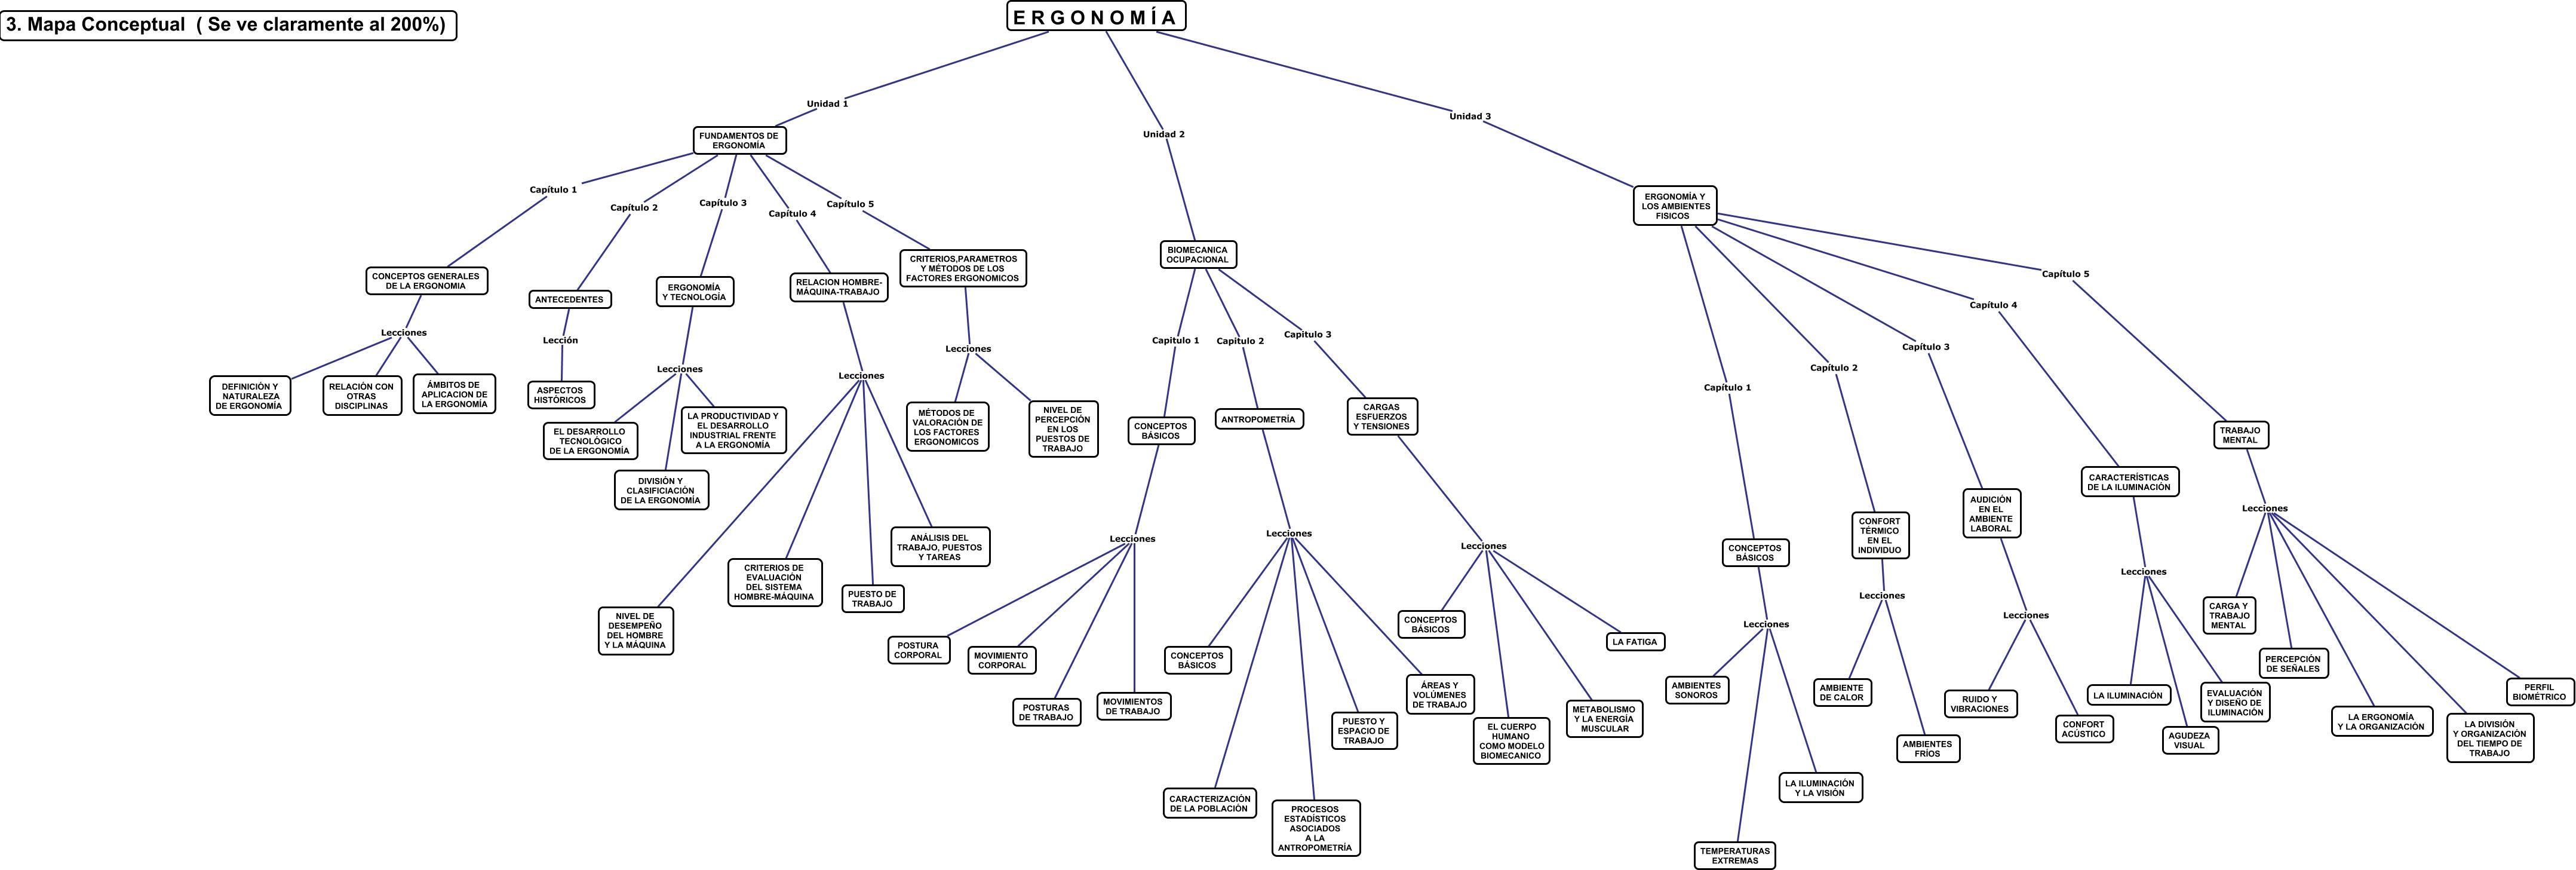 Ergonomia mapa conceptual for Caracteristicas de la ergonomia